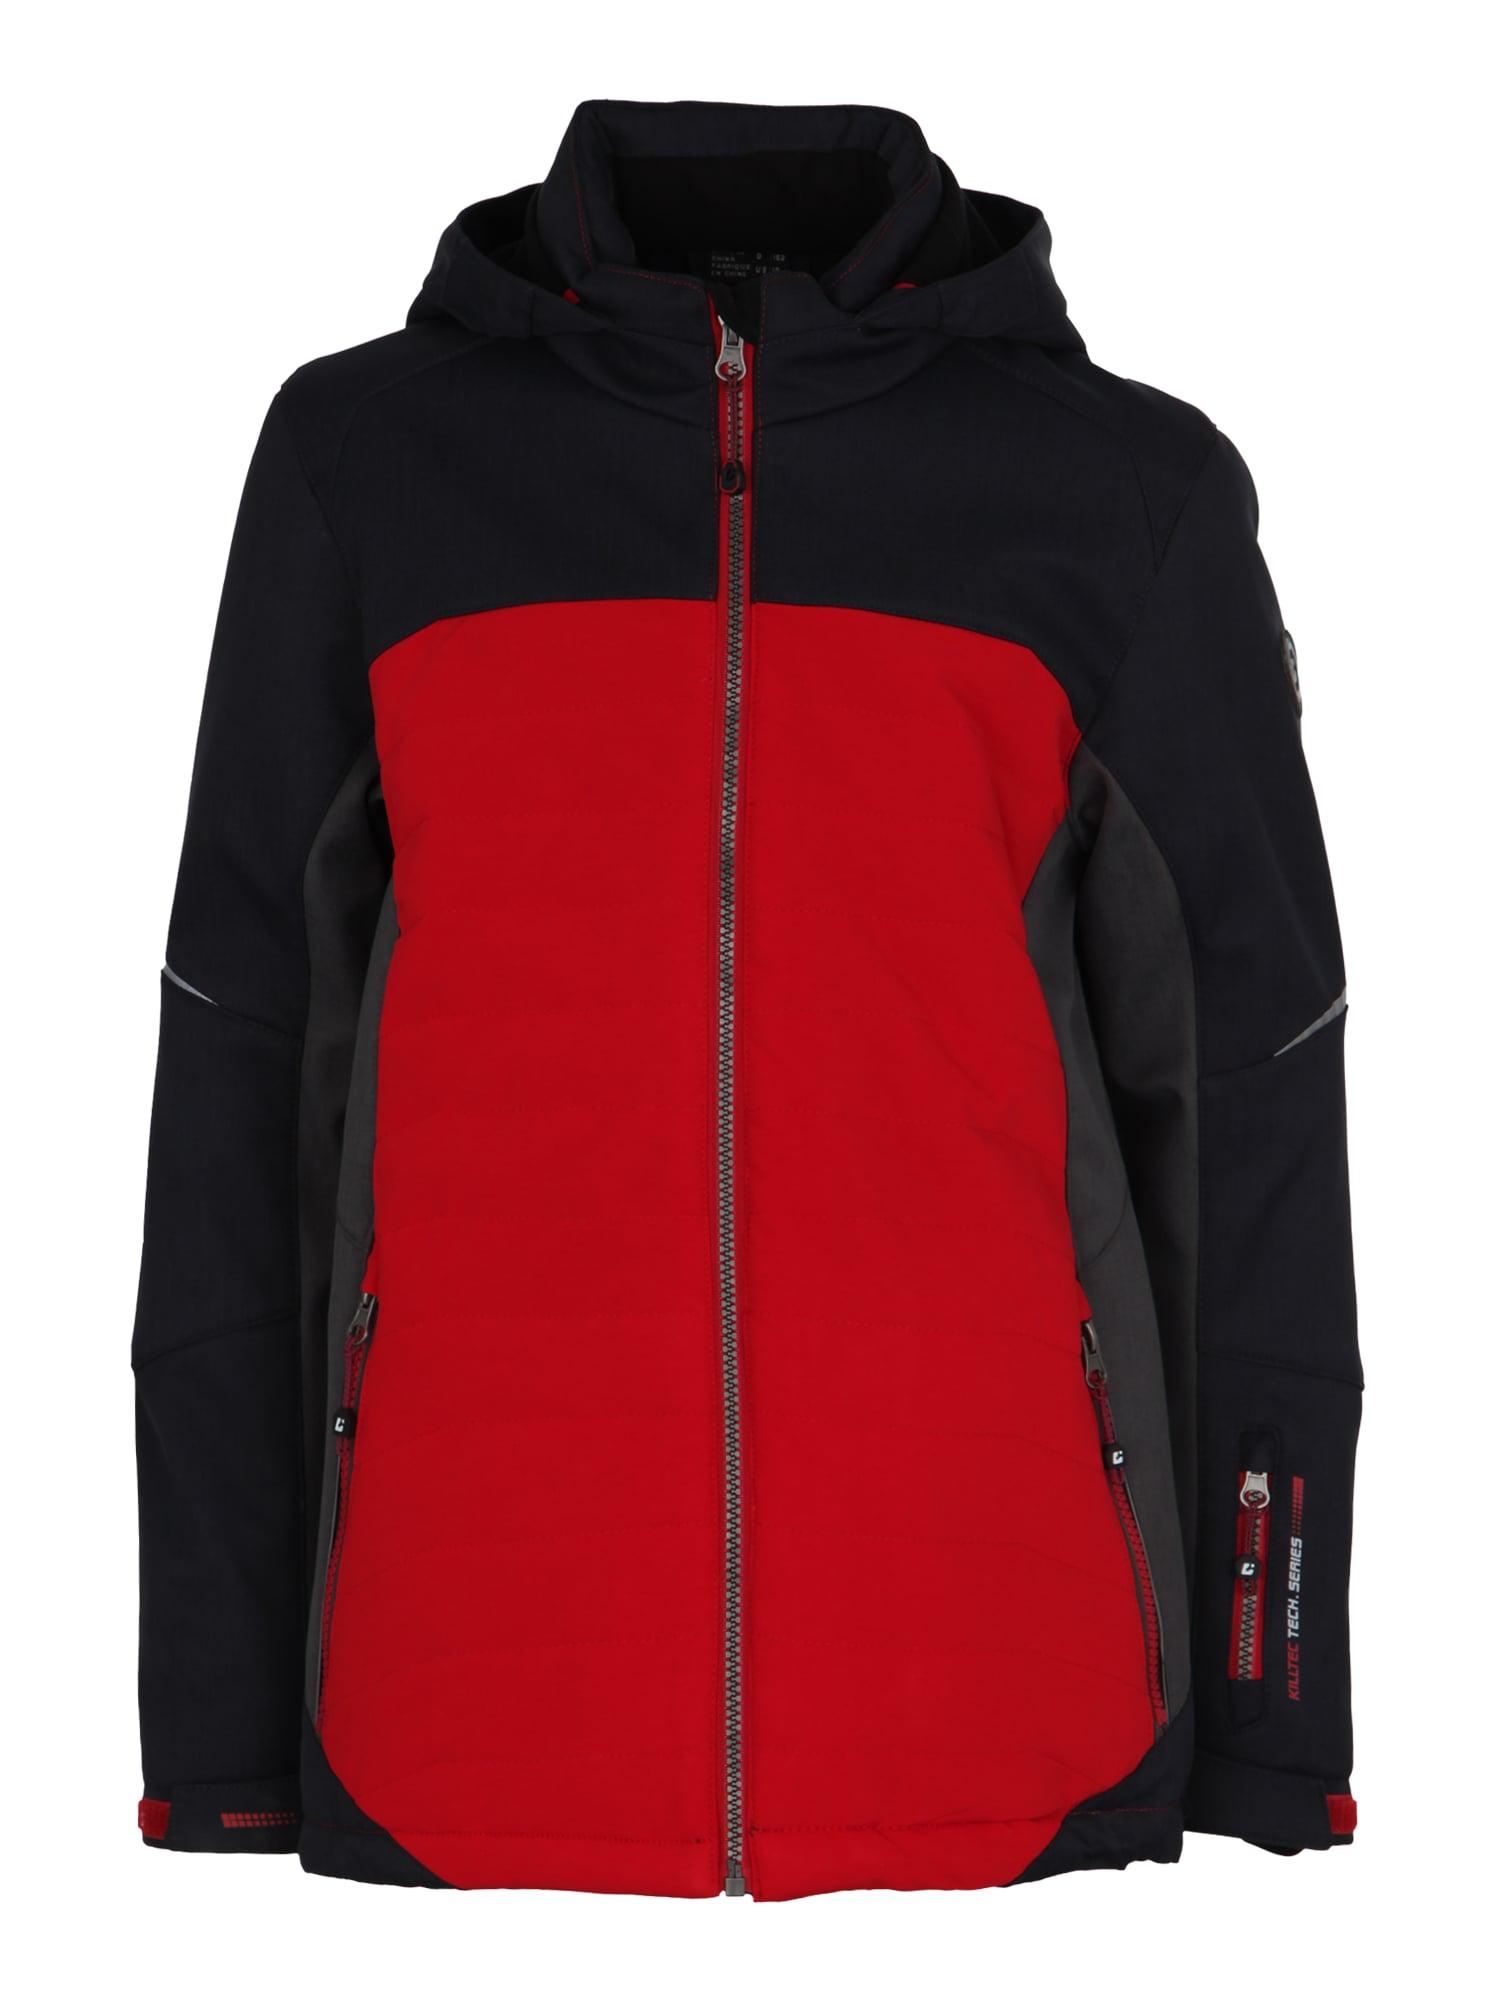 Outdoorová bunda Waylo světle červená černá KILLTEC